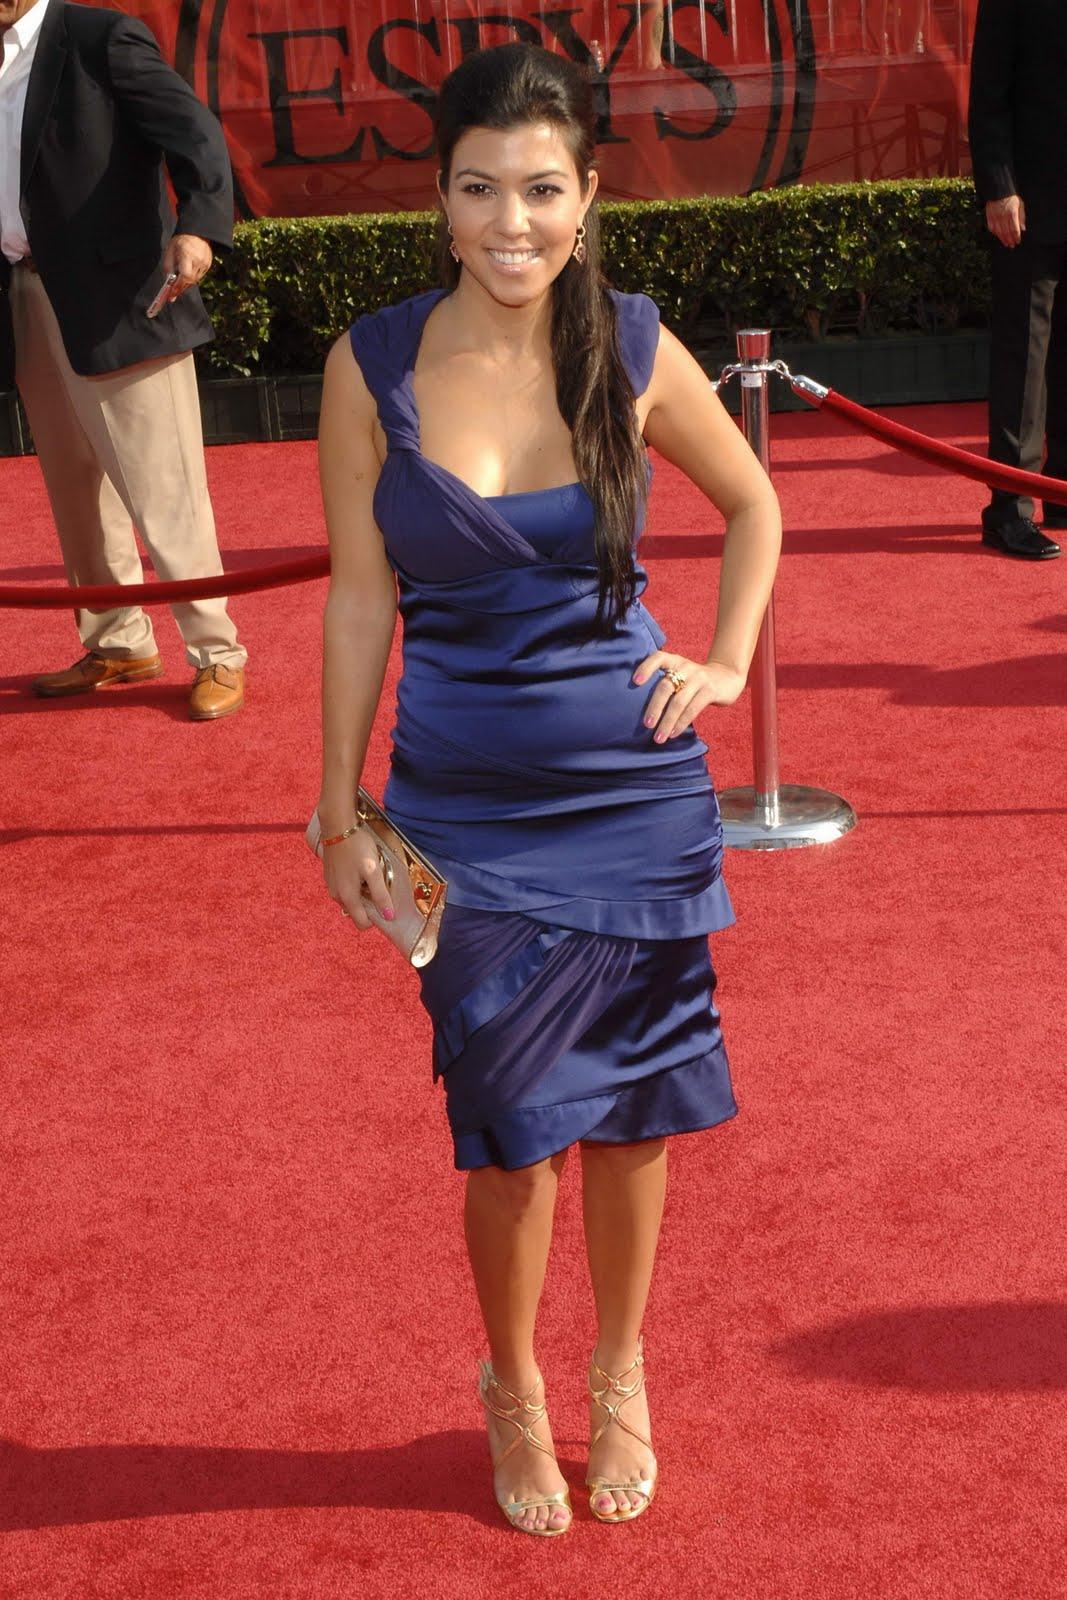 http://3.bp.blogspot.com/_UaLWp72nij4/S-8pu_iib3I/AAAAAAAALMo/kmh4SlHG9OI/s1600/kourtney-kardashian-feet.jpg